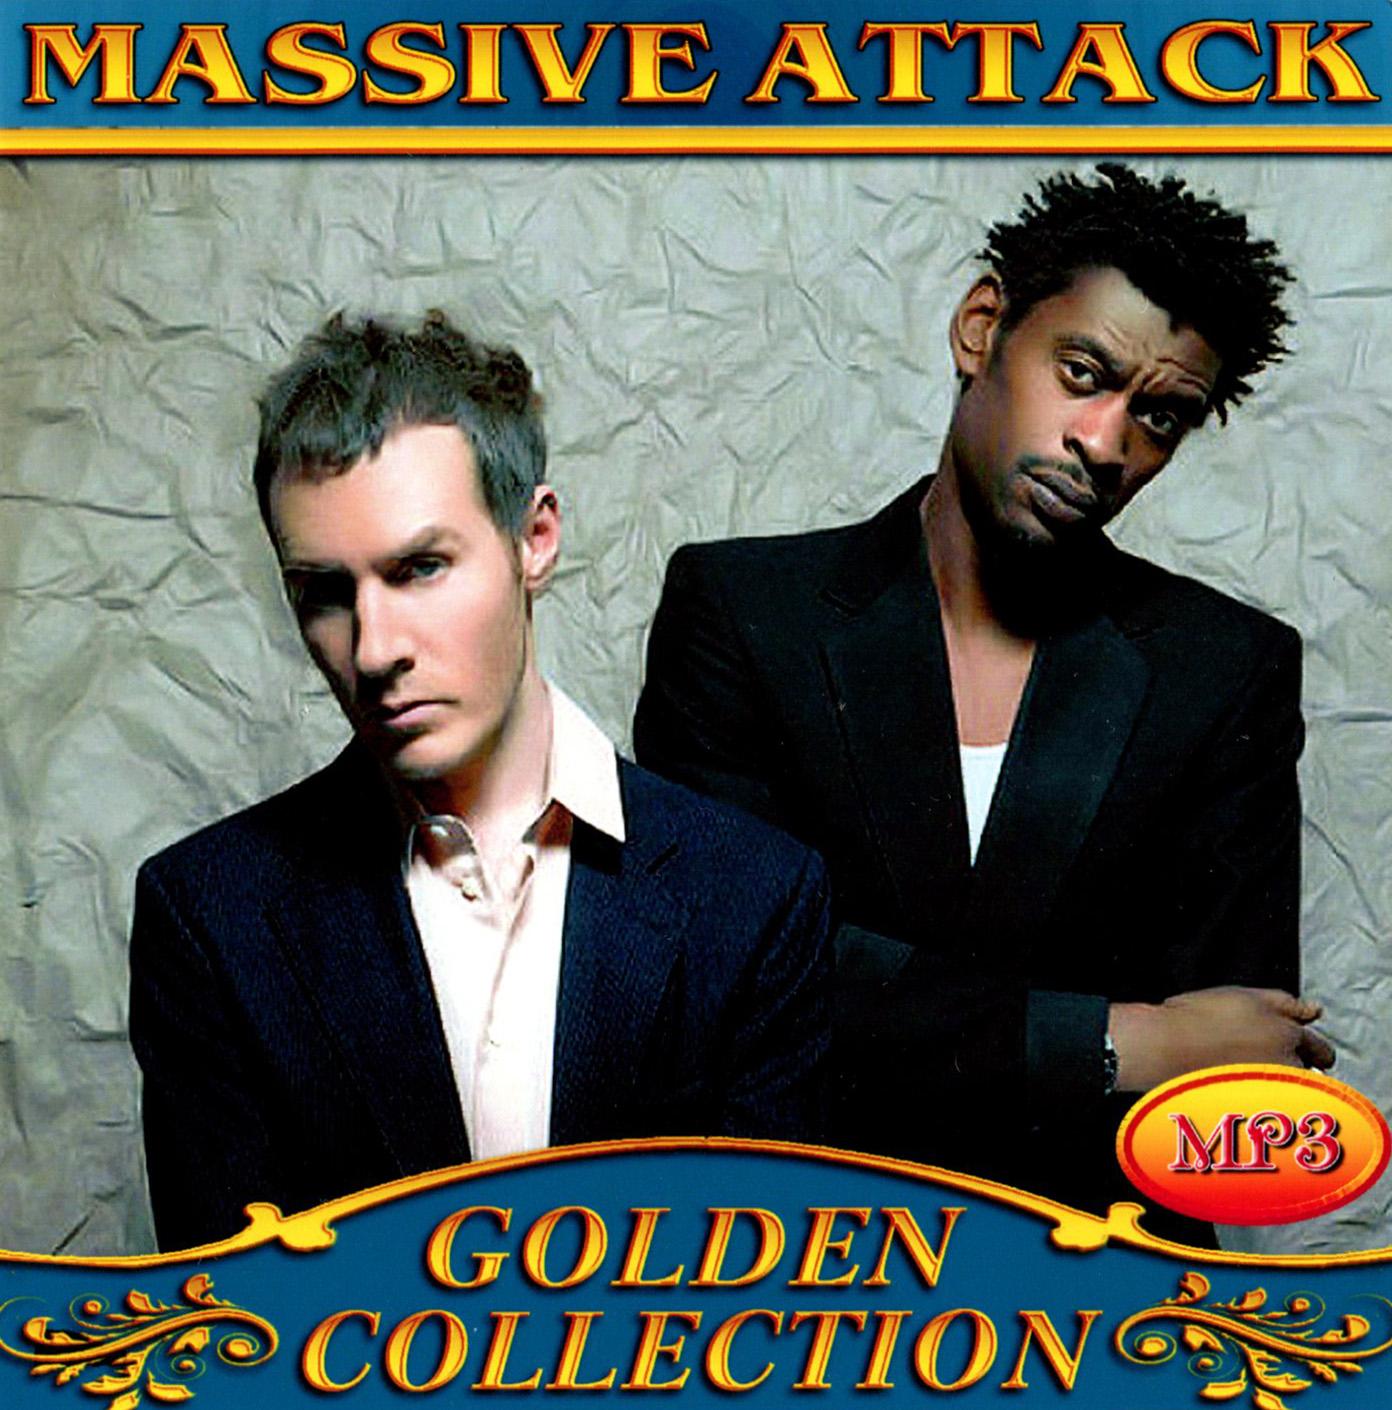 Massive Attack [mp3]